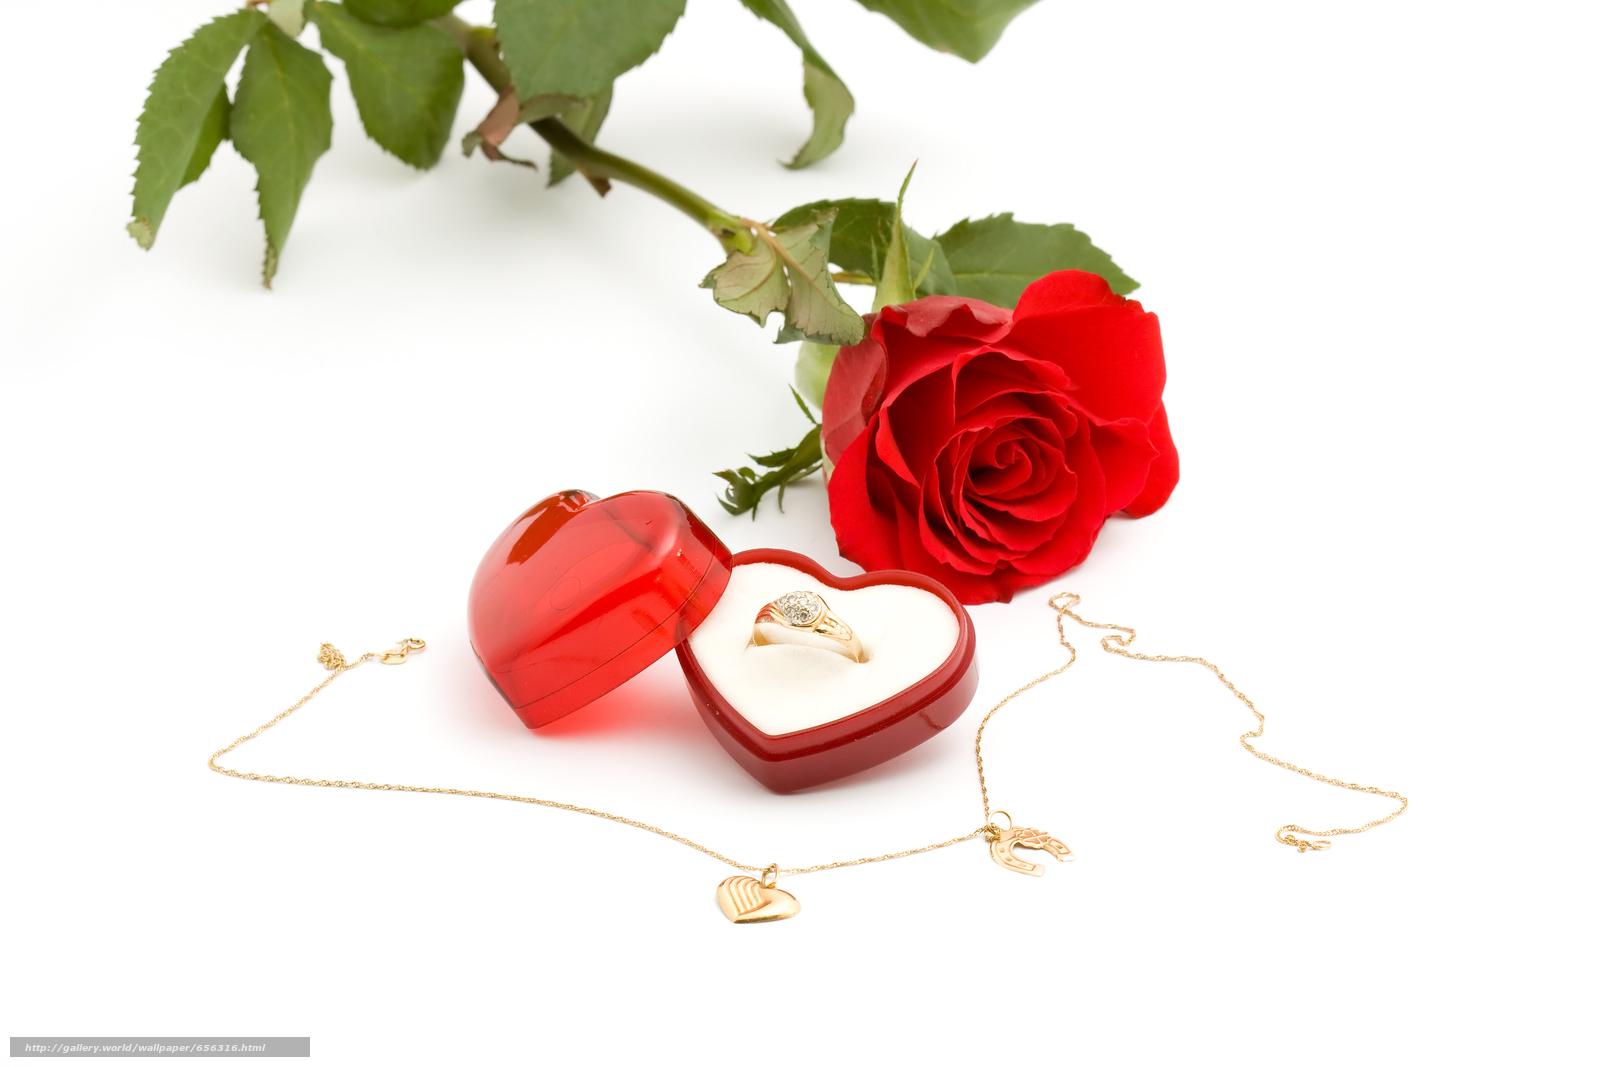 Скачать обои обои от Kisenok,  день святого валентина,  день всех влюбленных,  праздник бесплатно для рабочего стола в разрешении 4752x3168 — картинка №656316